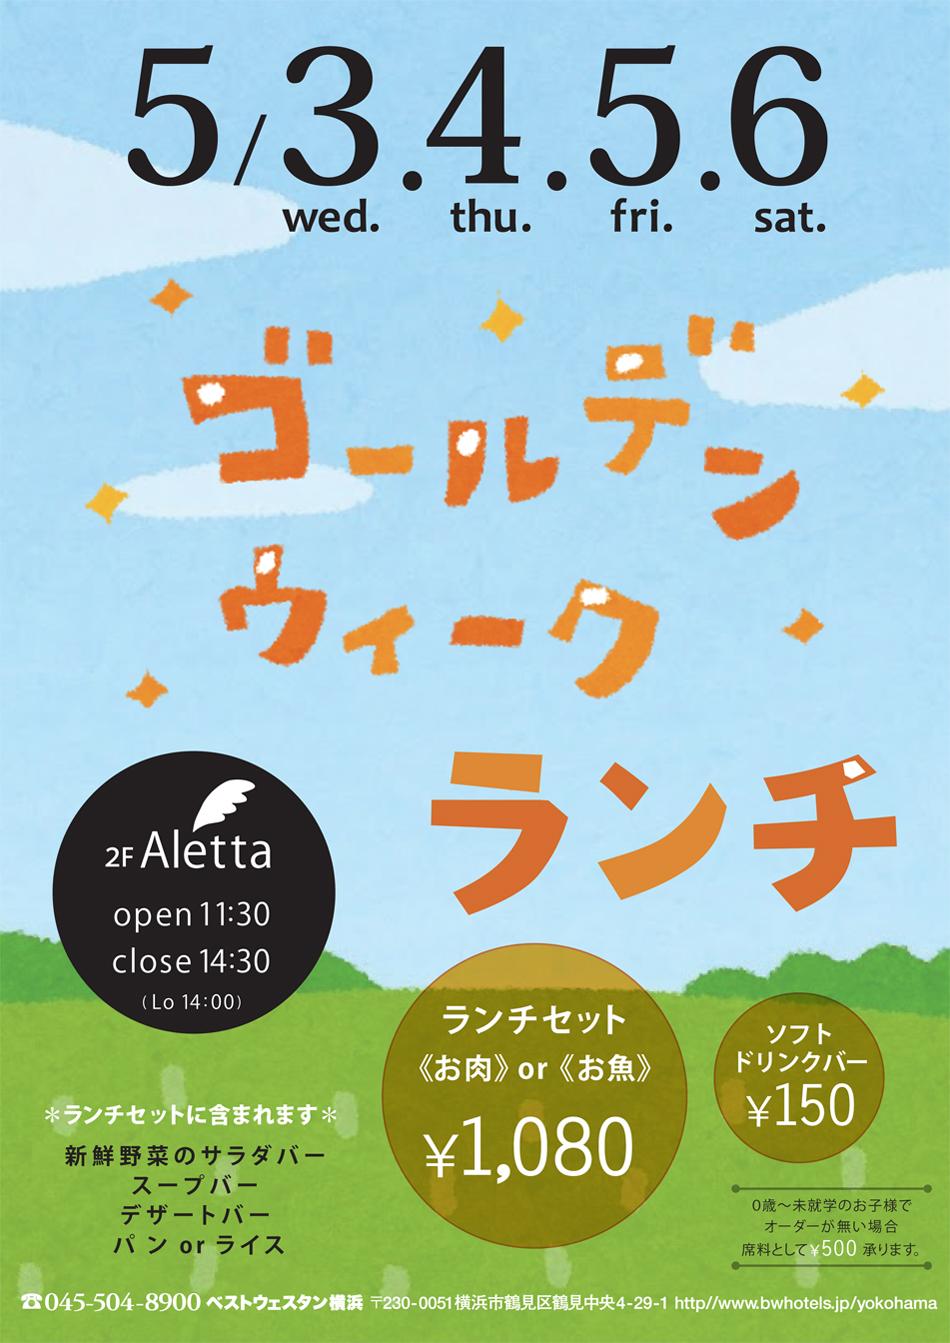 ゴールデンウィークランチ◆GW4日間(5月3,4,5,6日)ランチセット¥1080